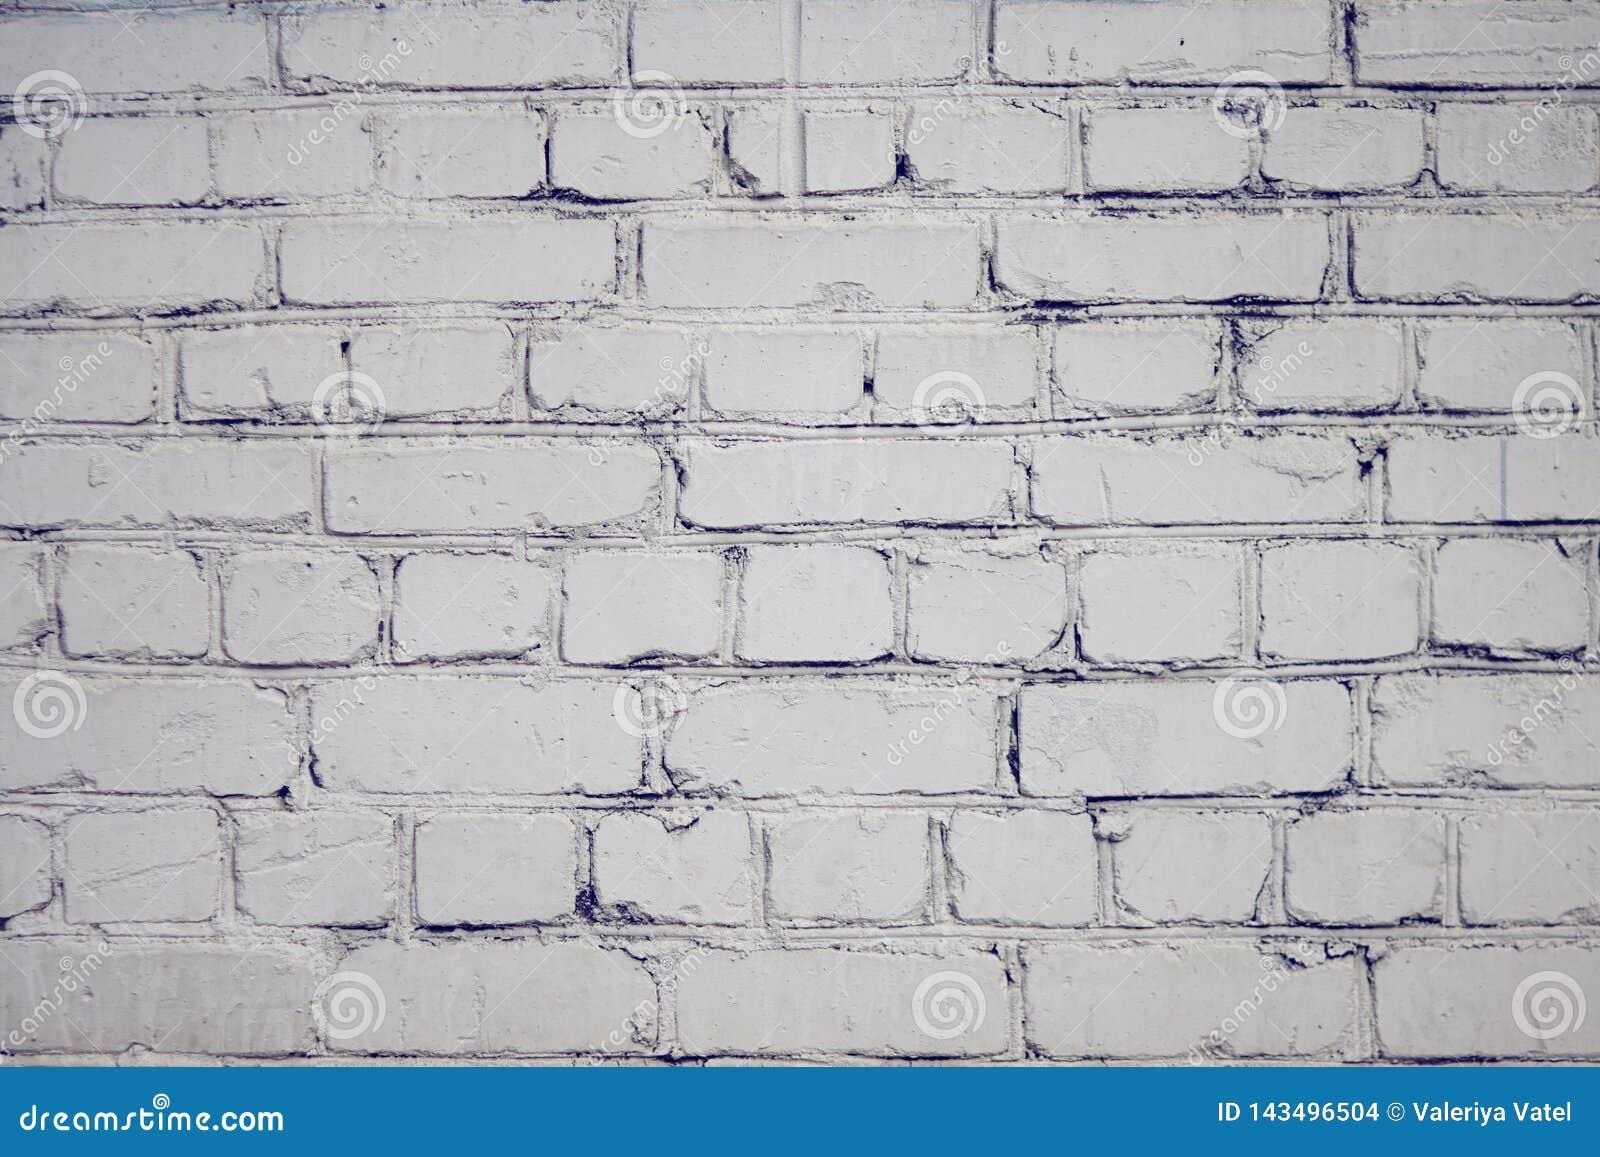 Κενό υπόβαθρο με την επιφάνεια τούβλου, που χρωματίζεται με το άσπρο χρώμα